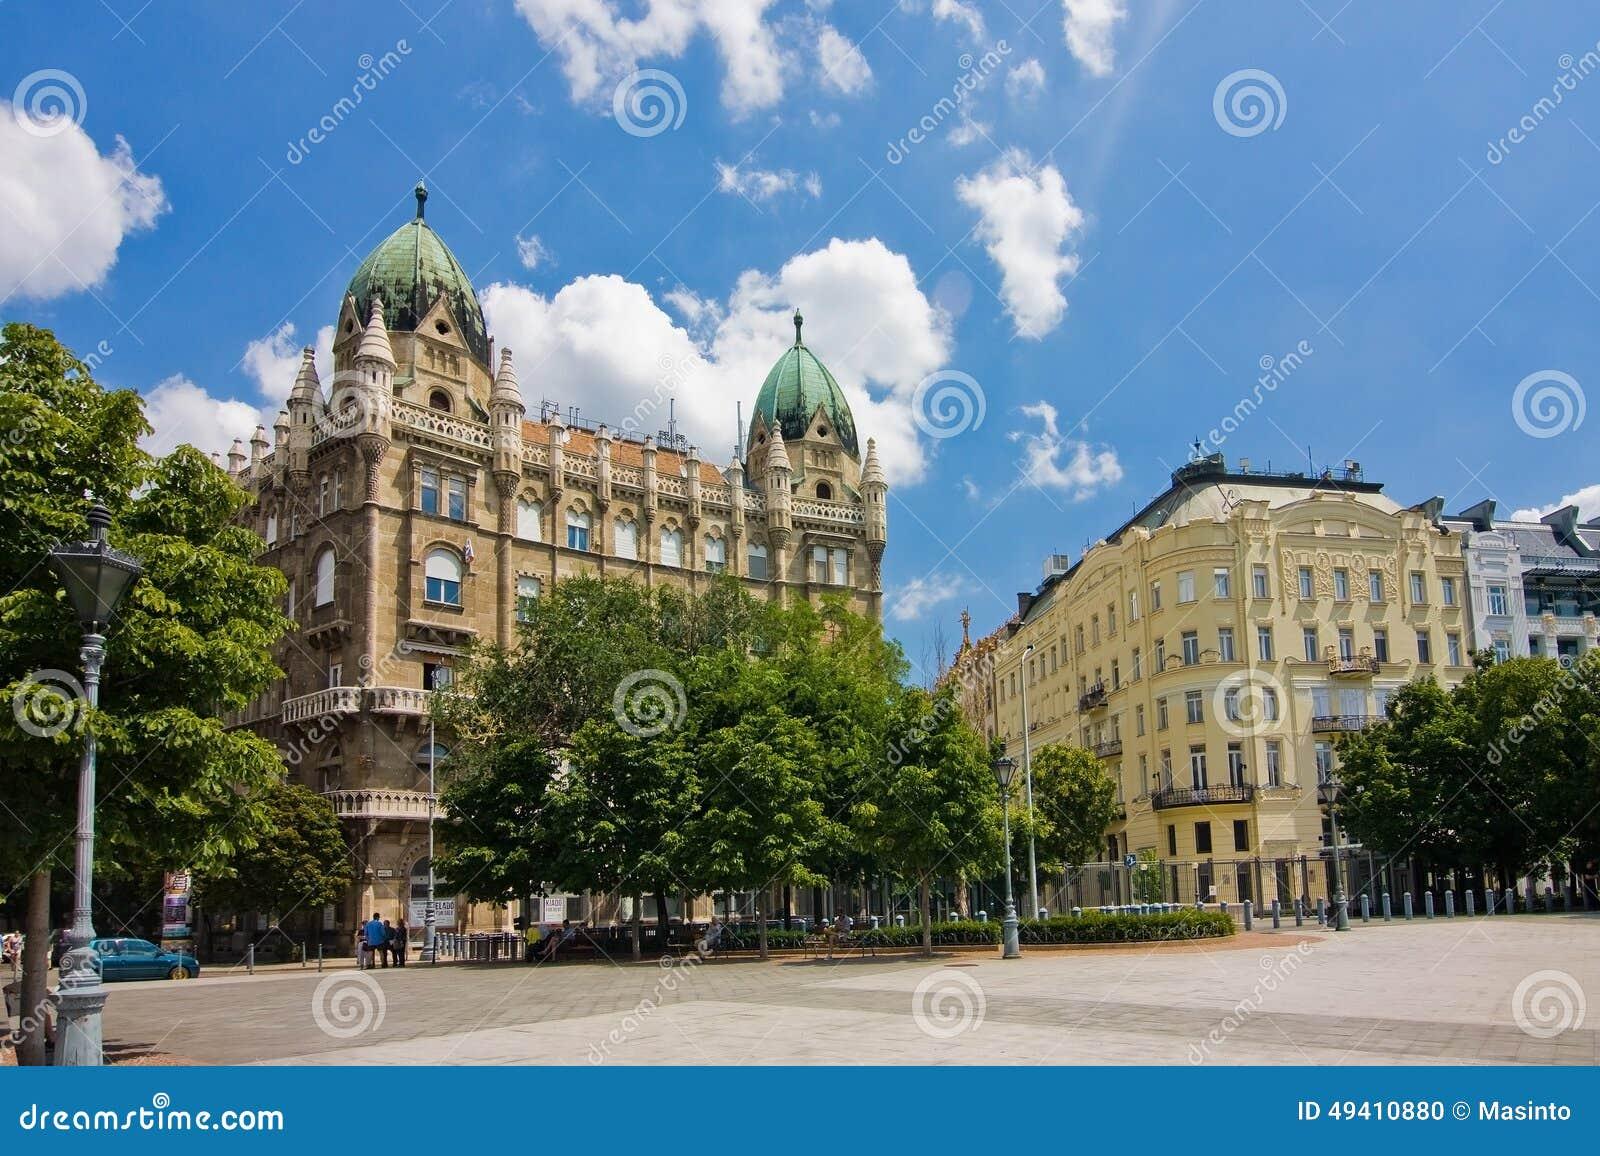 Download Liberty Square in Budapest stockfoto. Bild von freiheit - 49410880